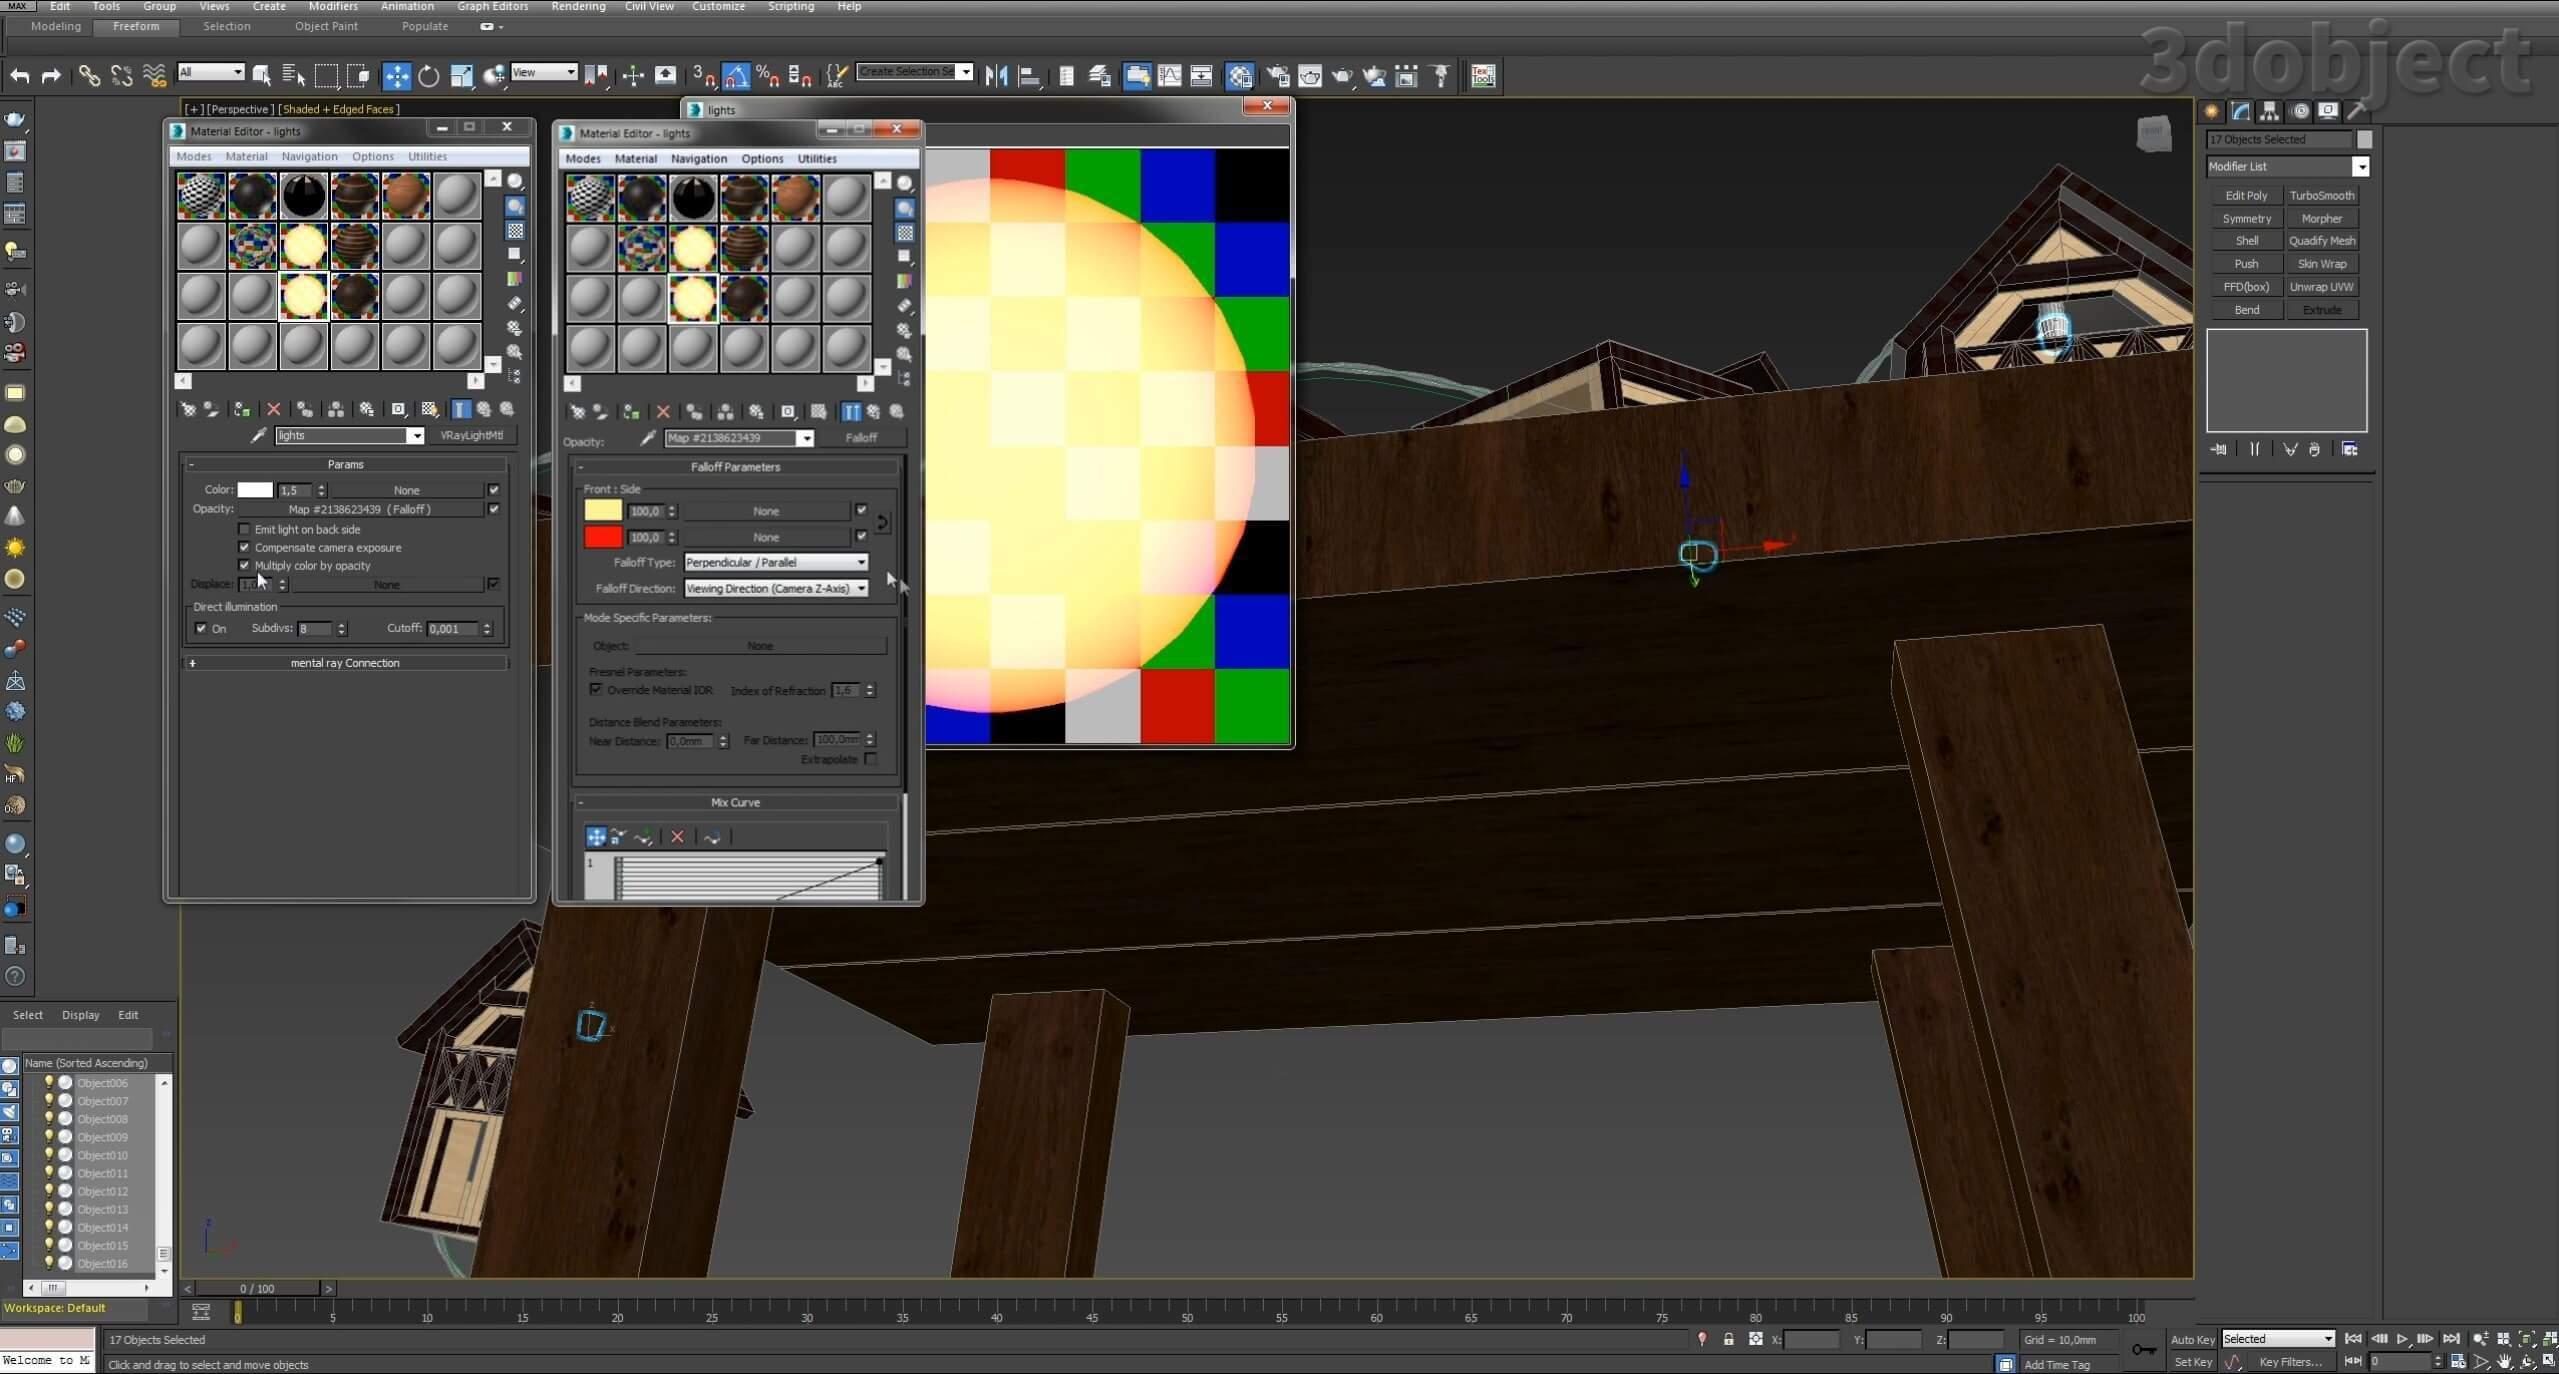 Моделирование домиков для гирлянды вы можете посмотреть в видео – Моделирование дома за 5 минут. В этом видео вы увидите, как смоделировать проводку для гирлянды из сплайнов с помощью модификатора Loft_2